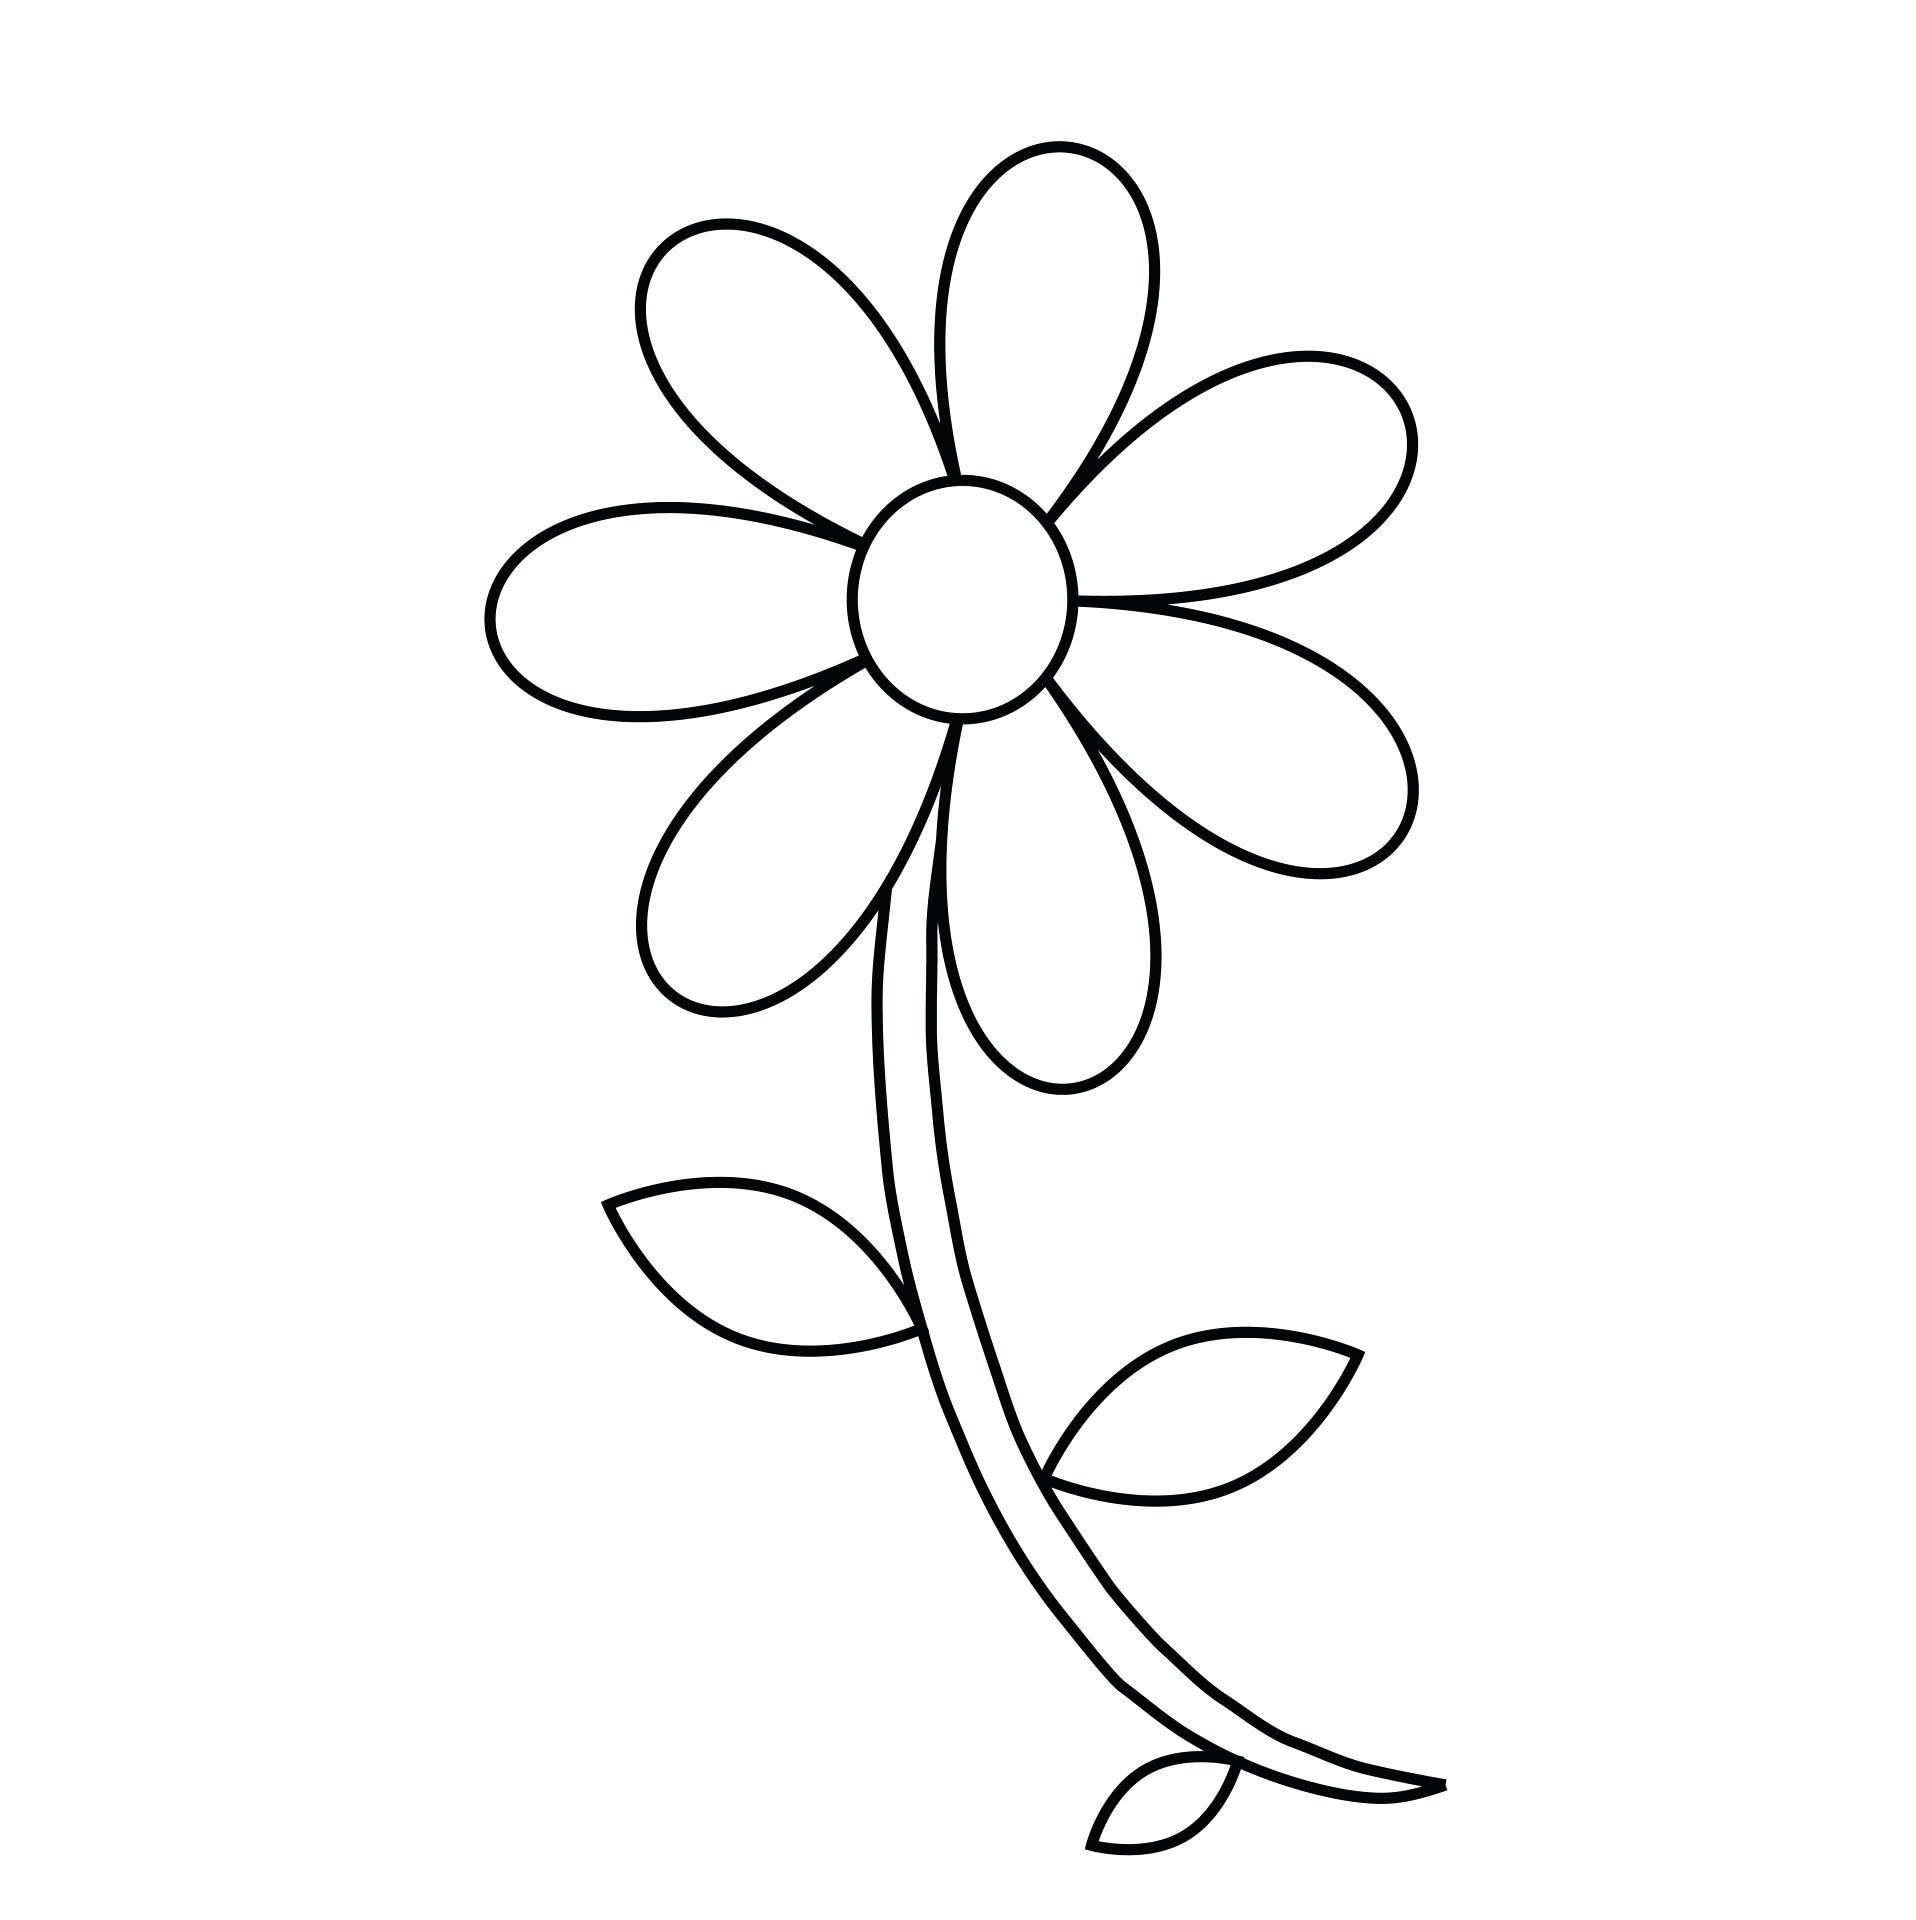 1916x1920 Leaves Outline Clip Art Maple Leaf Outlines Leaf Patterns Pdf